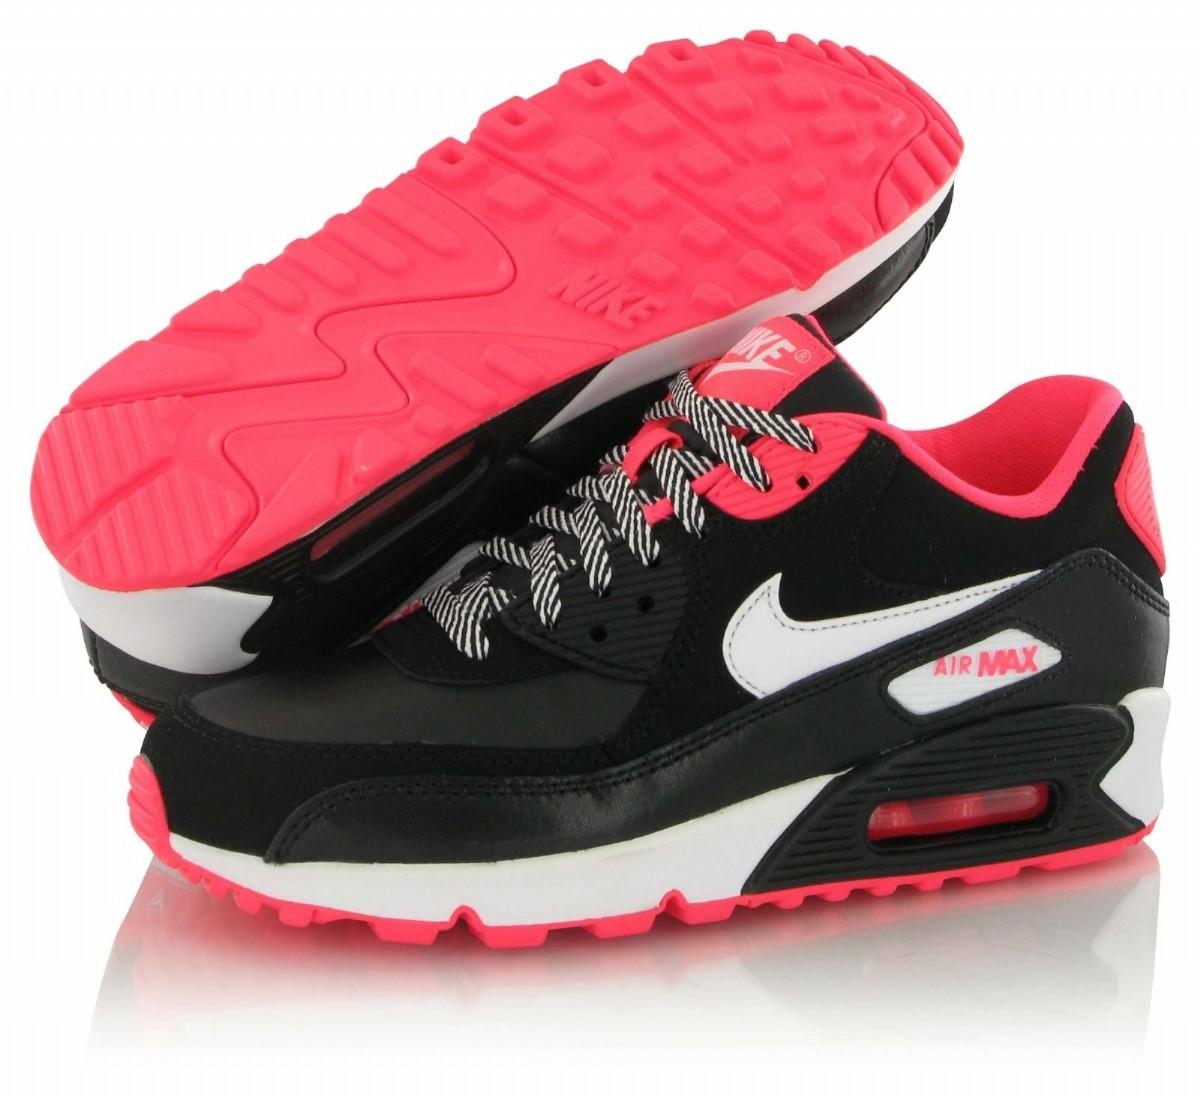 air max 90 noir et rose fluo